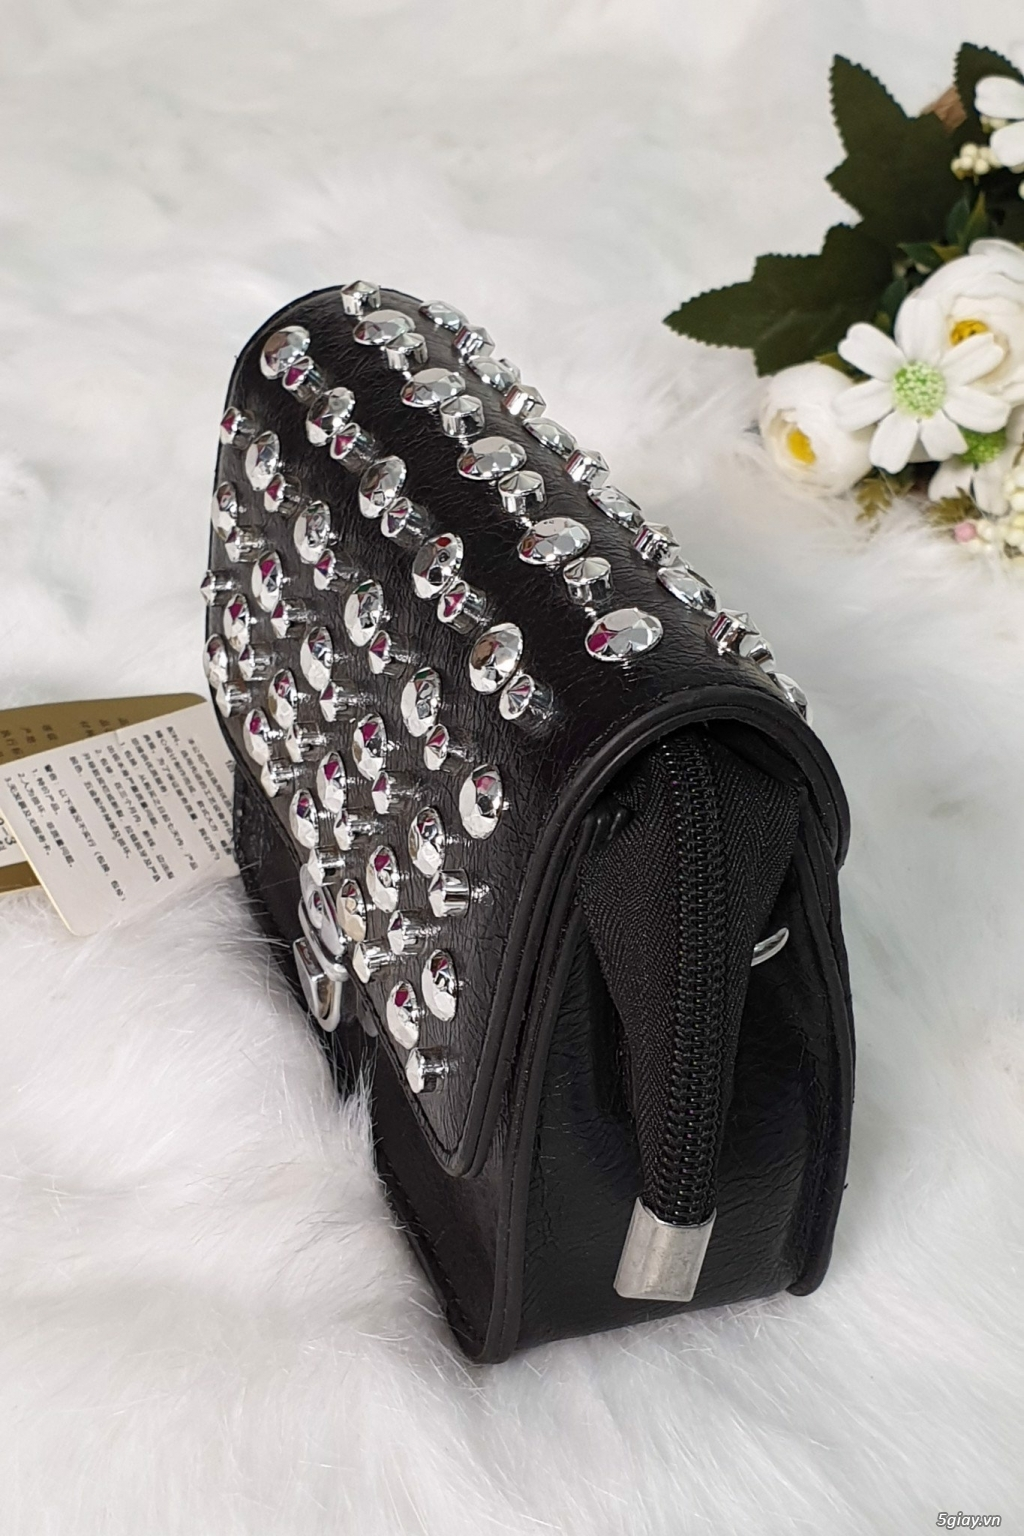 Wal House Fashion - Bóp ví túi xách thời trang - Giá ưu đãi - 39